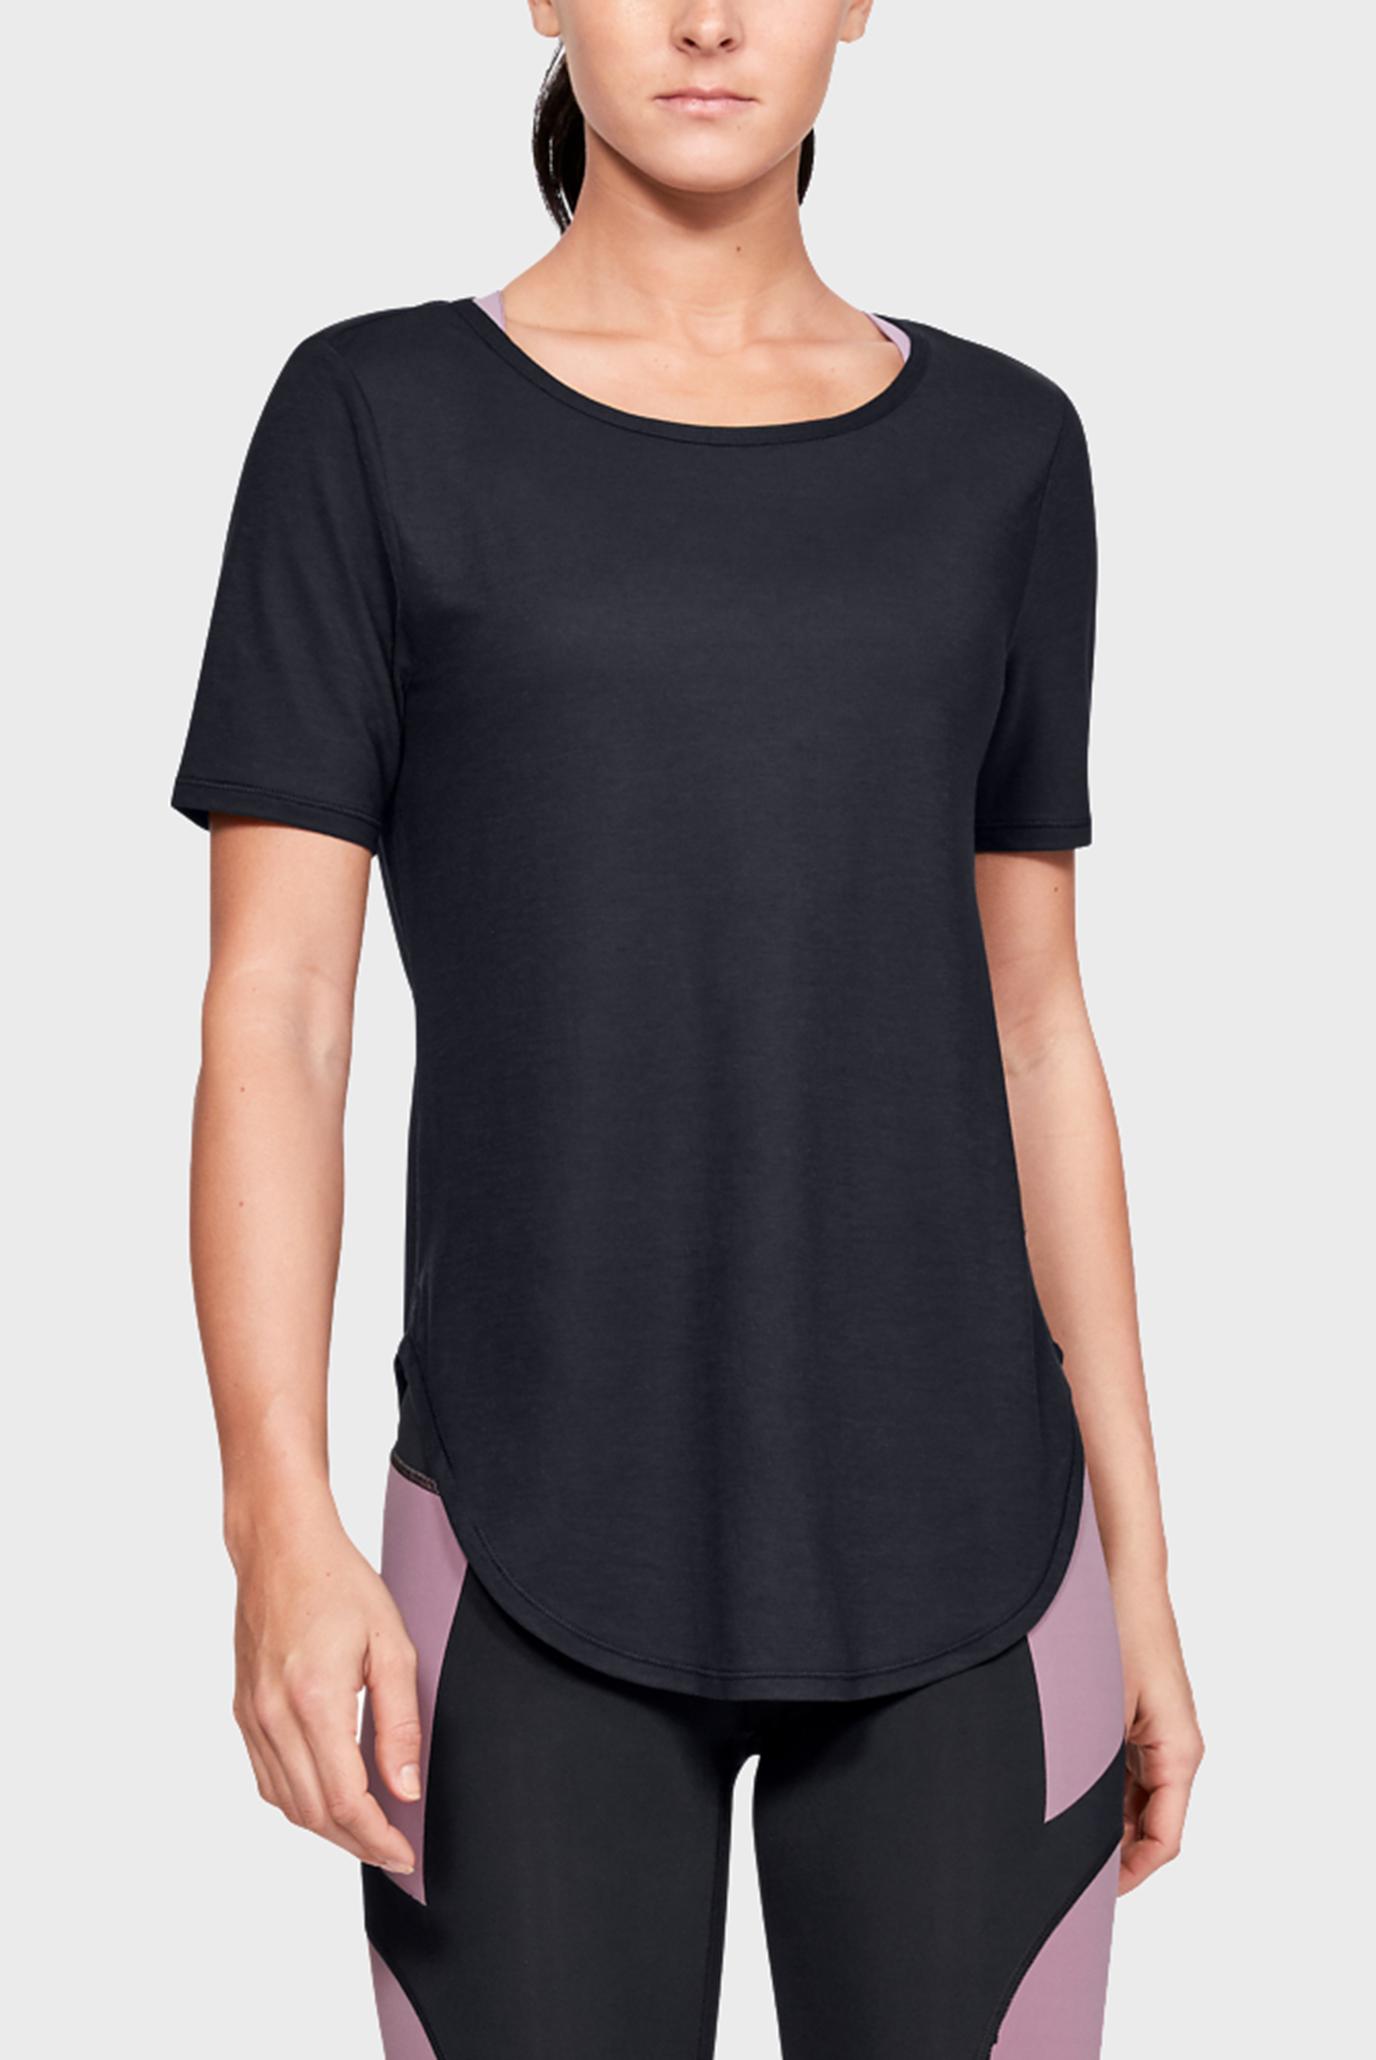 Купить Жеская черная футболка Perpetual SS Under Armour Under Armour 1328821-001 – Киев, Украина. Цены в интернет магазине MD Fashion